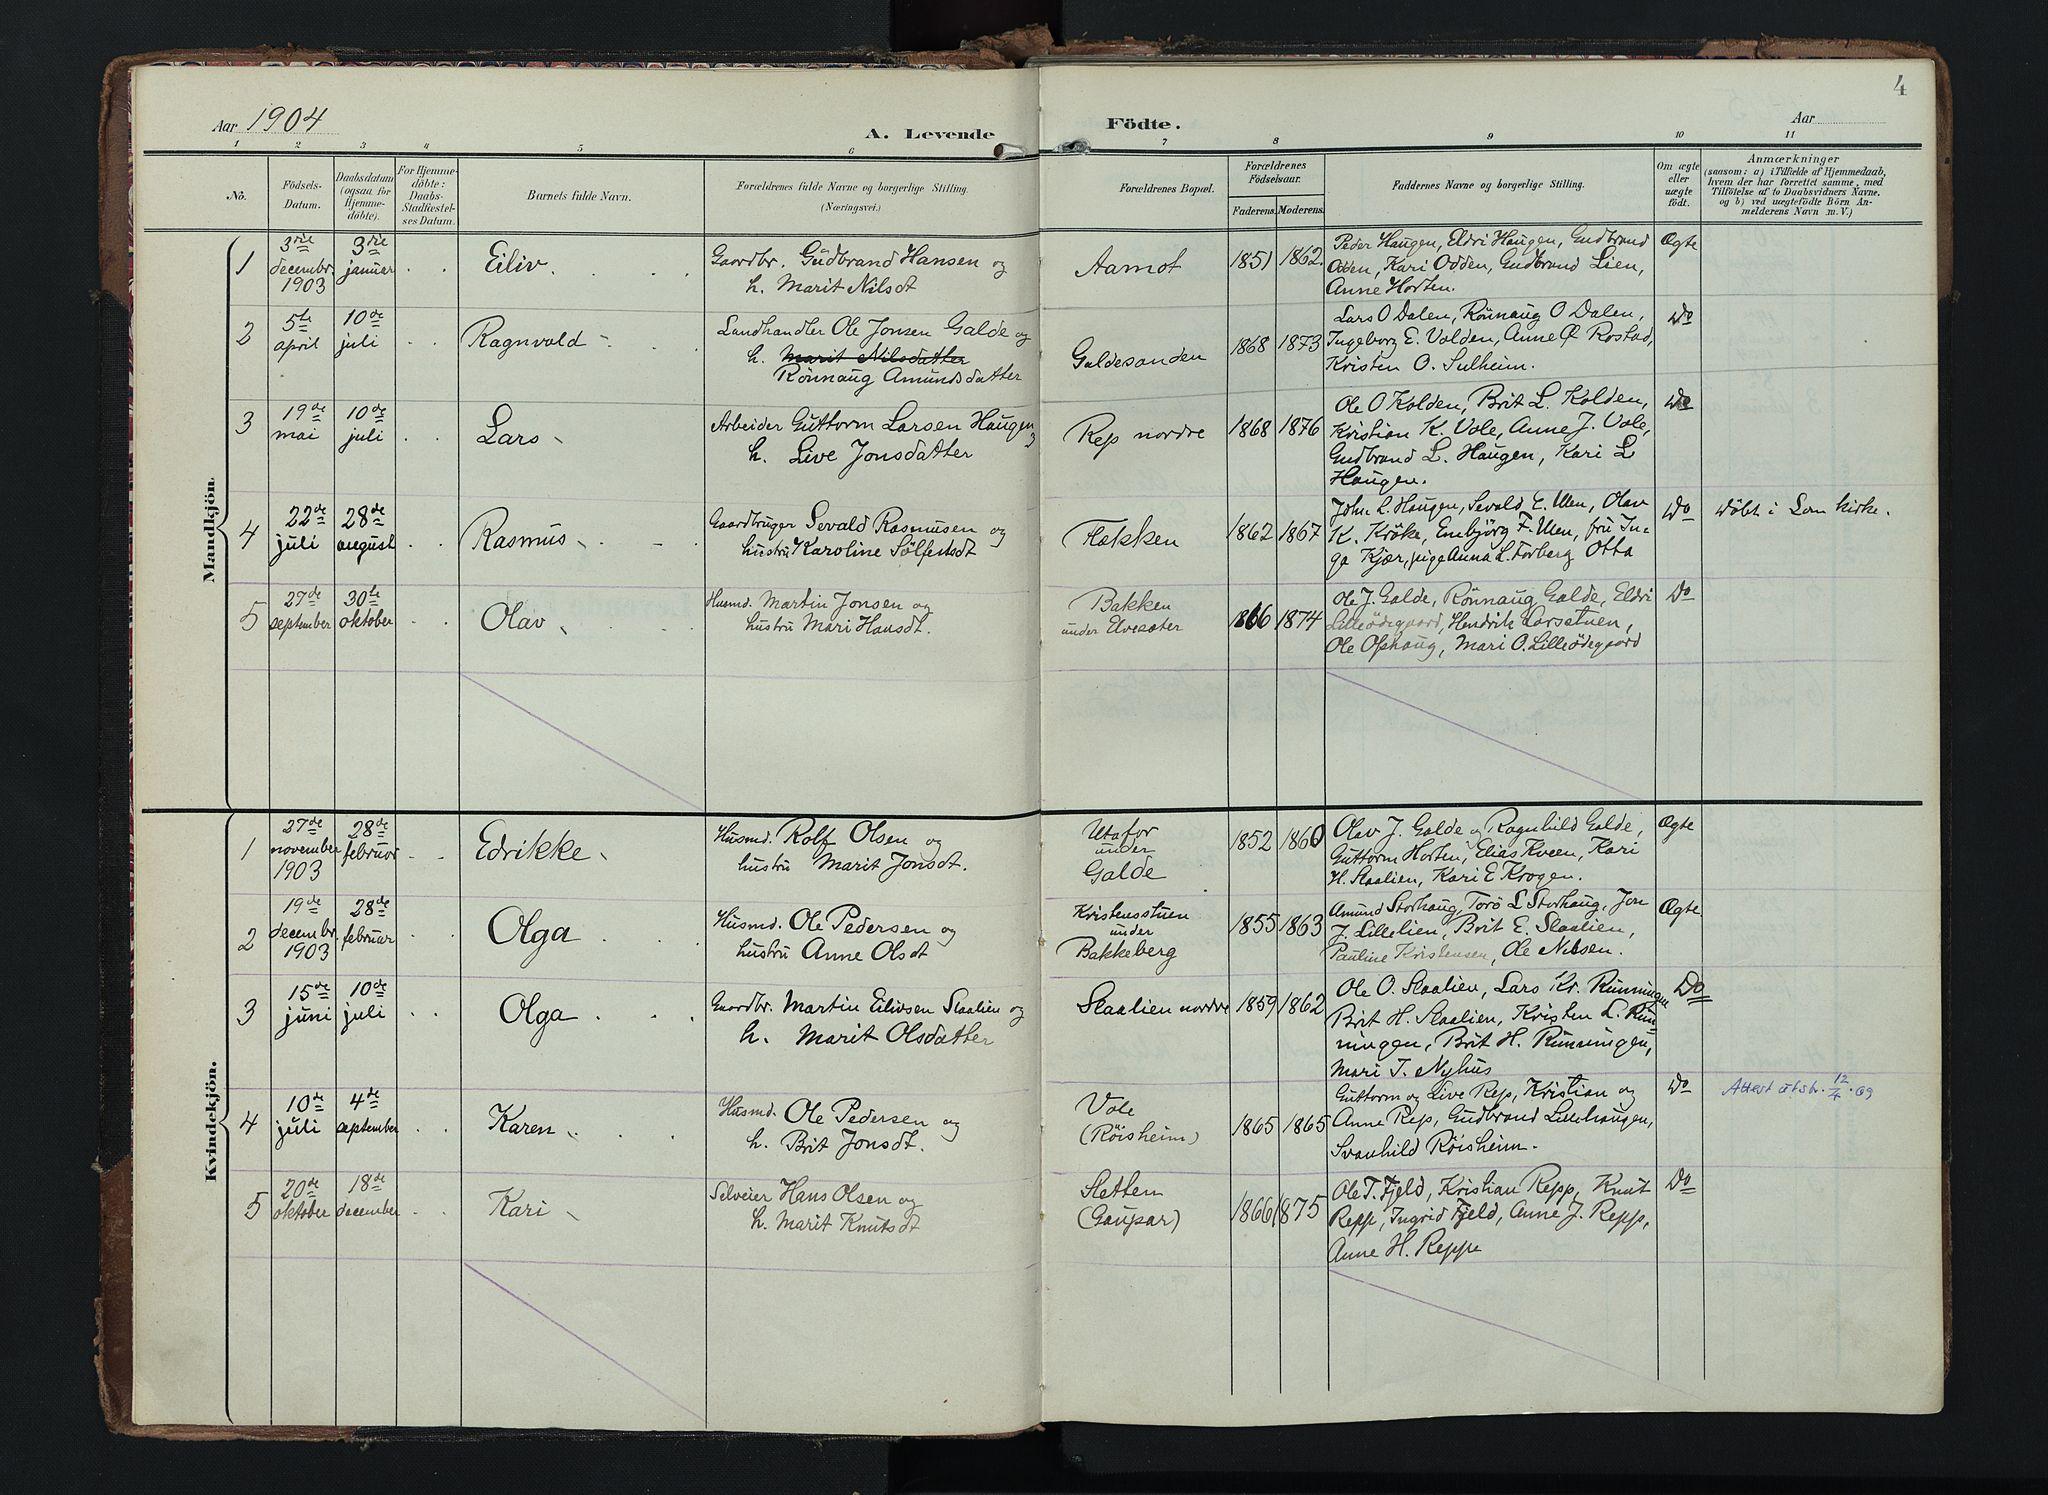 SAH, Lom prestekontor, K/L0012: Ministerialbok nr. 12, 1904-1928, s. 4